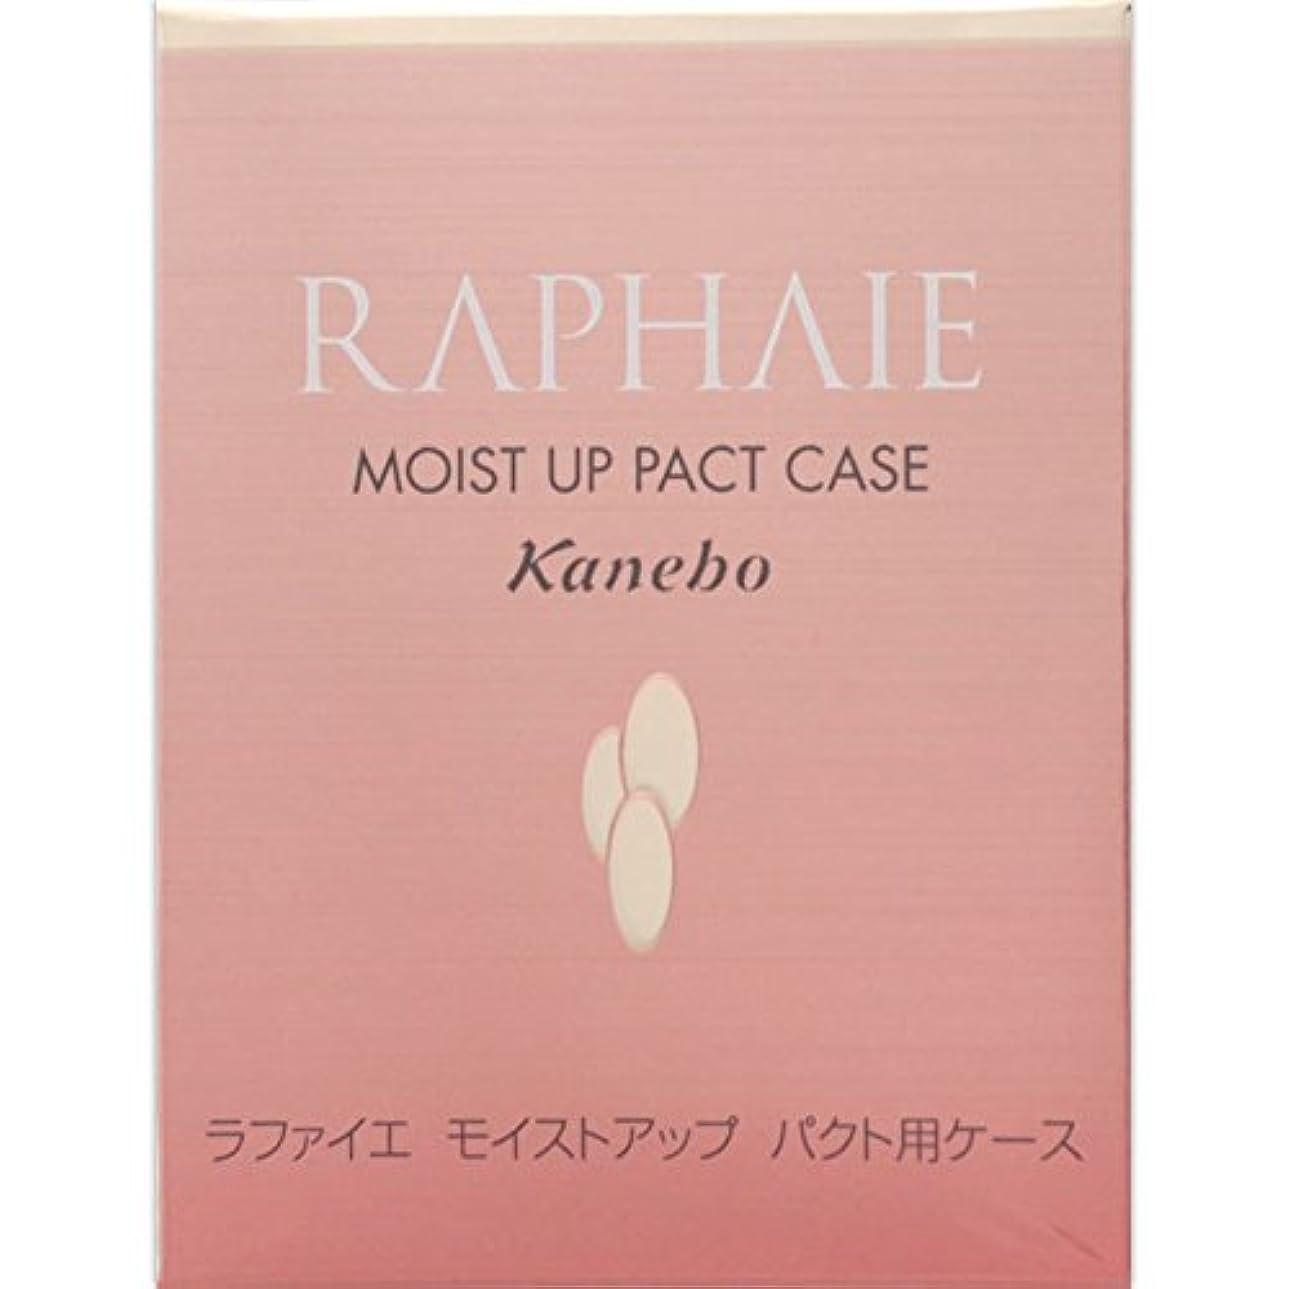 パン屋適合北西【カネボウ化粧品】ラファイエ(RAPHAIE)モイストアップ パクト用ケース